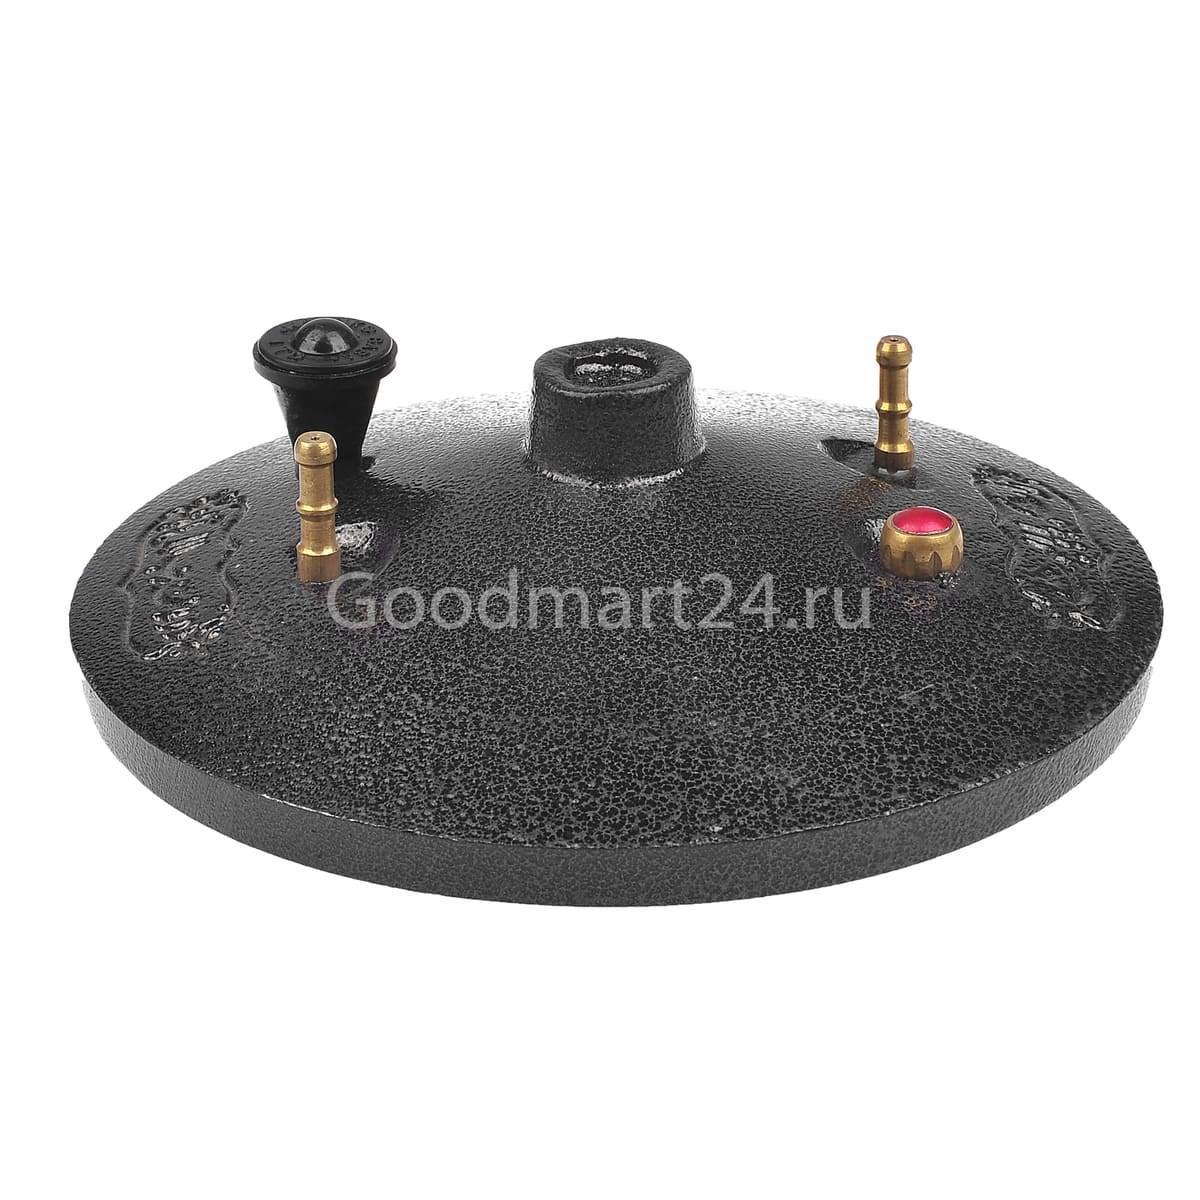 Афганский казан-скороварка 15 литров черный, алюминий - фото 12340